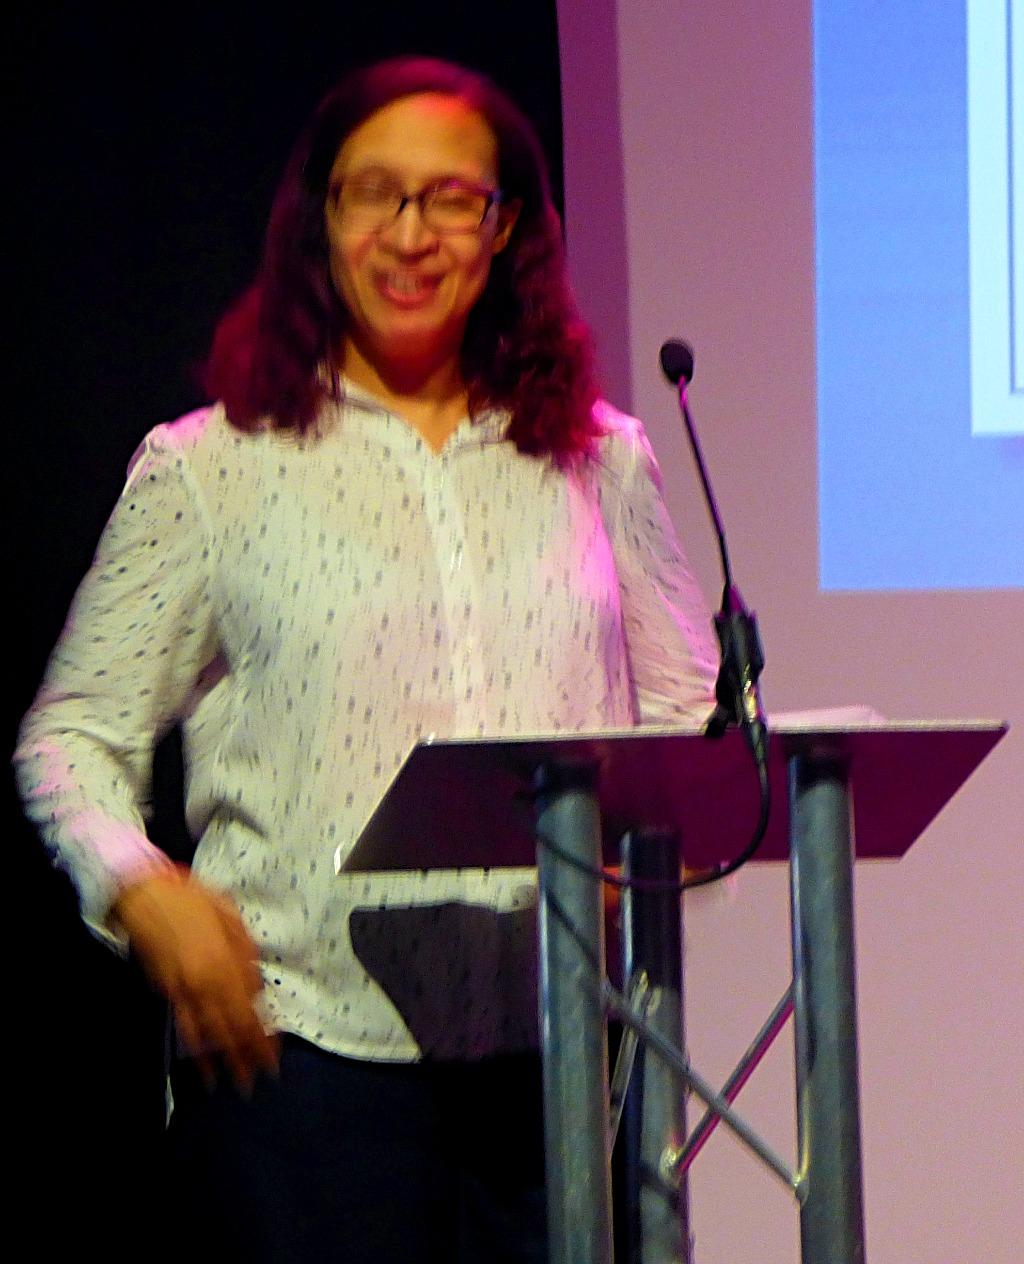 Amanda speaking